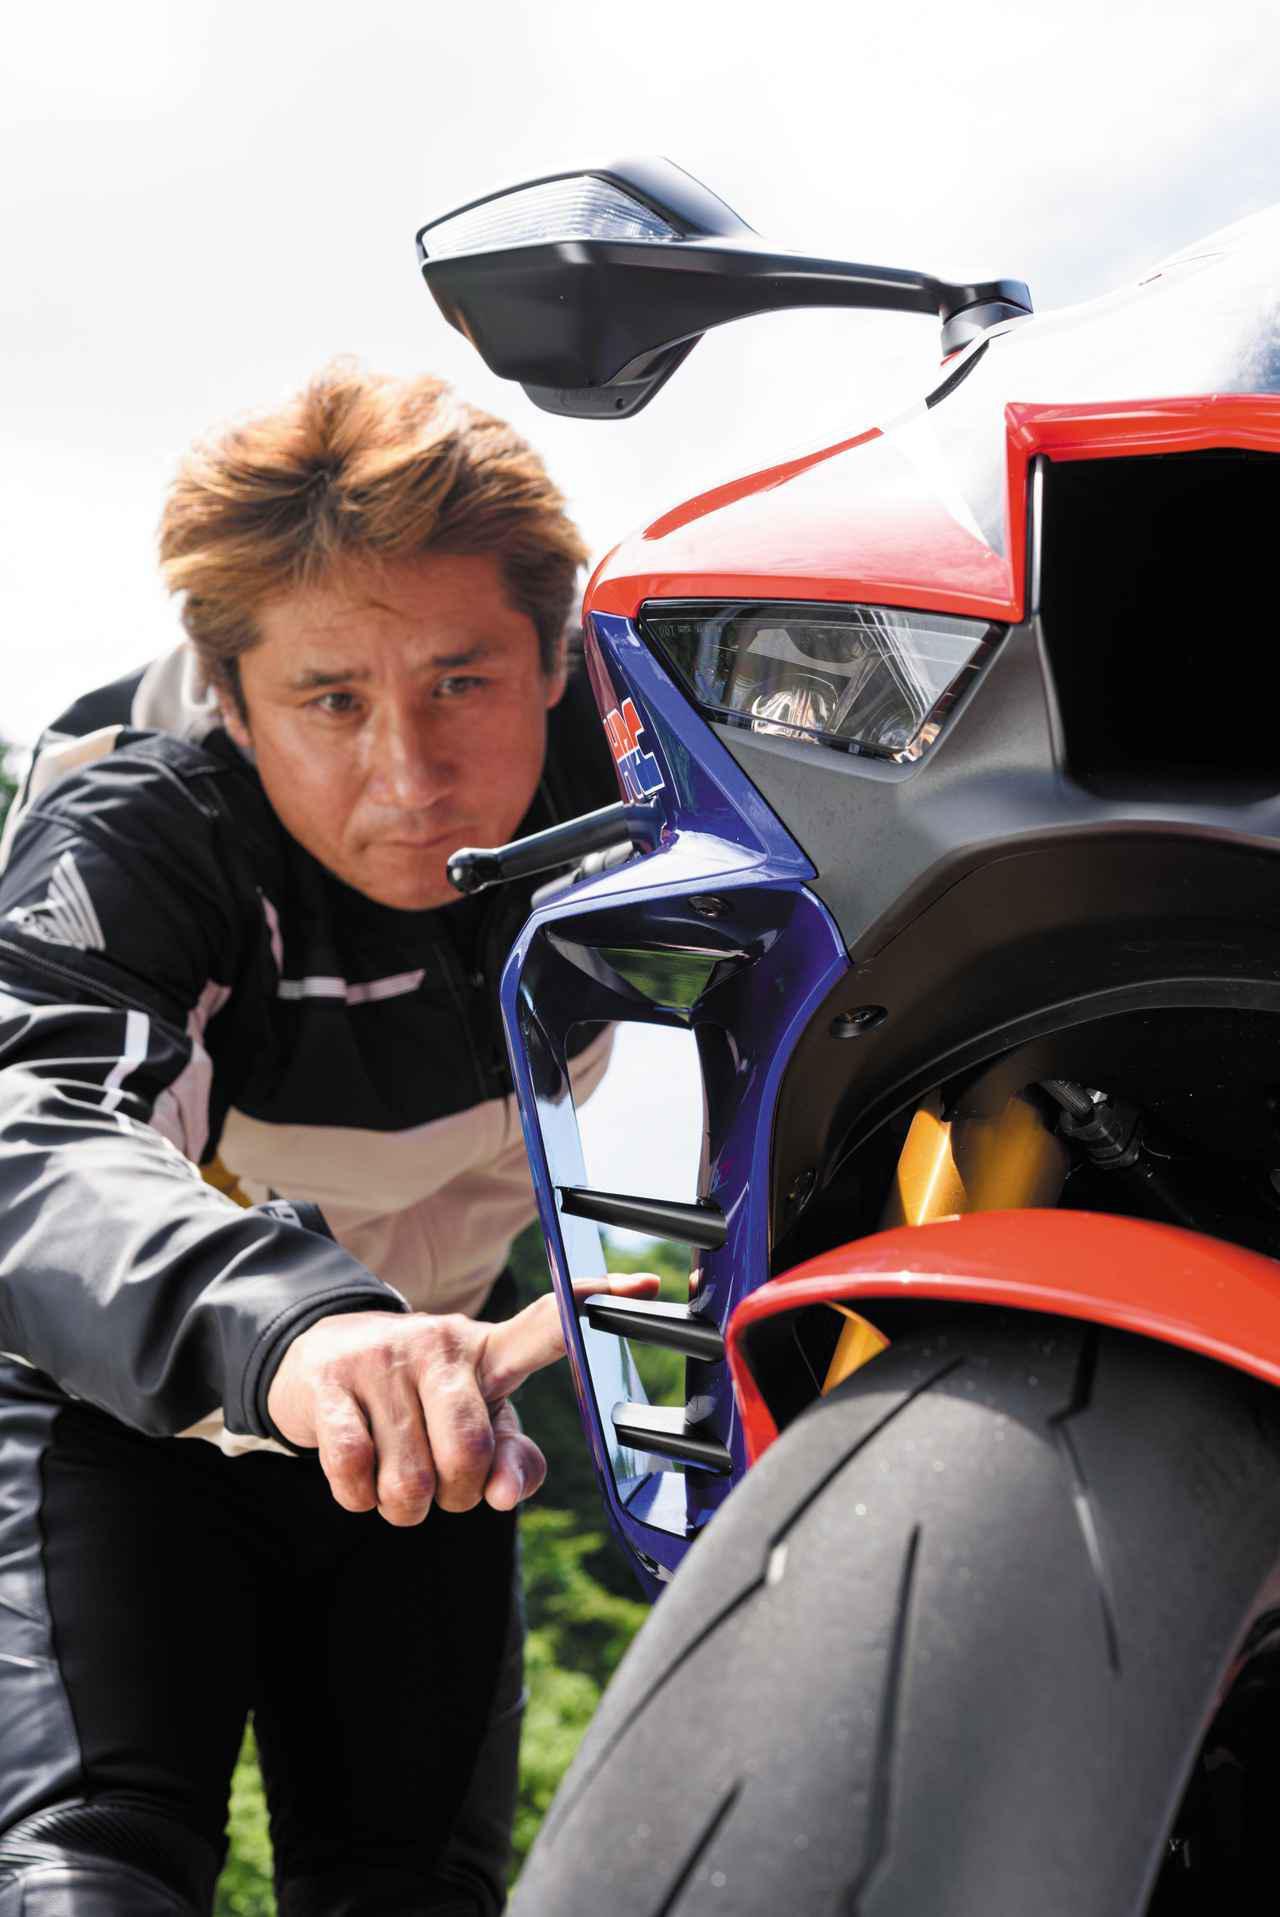 画像2: 伊藤真一さんが語るホンダ「CBR1000RR-R FIREBLADE SP」開発インサイドSTORY ライダーとして、使える高性能を突き詰めた。レーサーとして、勝てる戦闘力を現実にした。